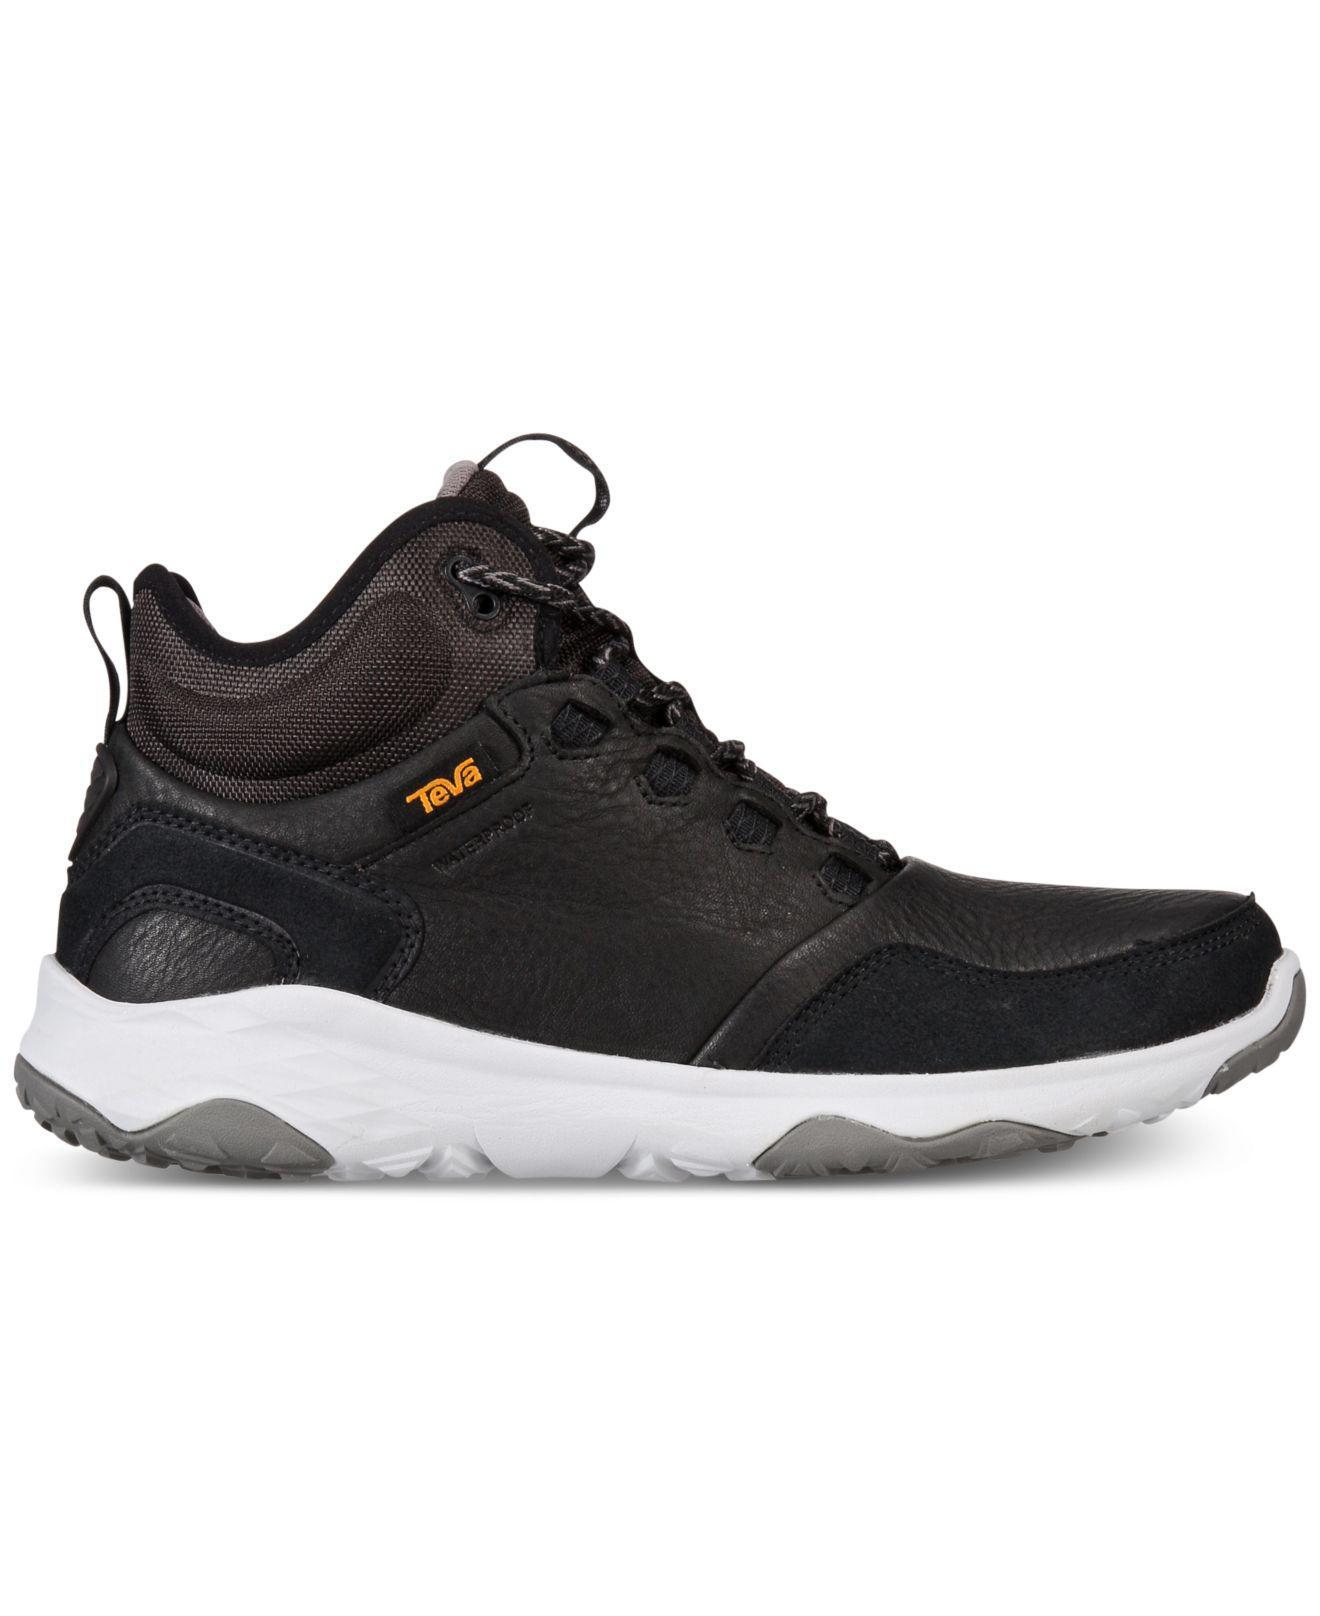 06e161f826ad6f Lyst - Teva Arrowood 2 Mid Waterproof Sneakers in Black for Men